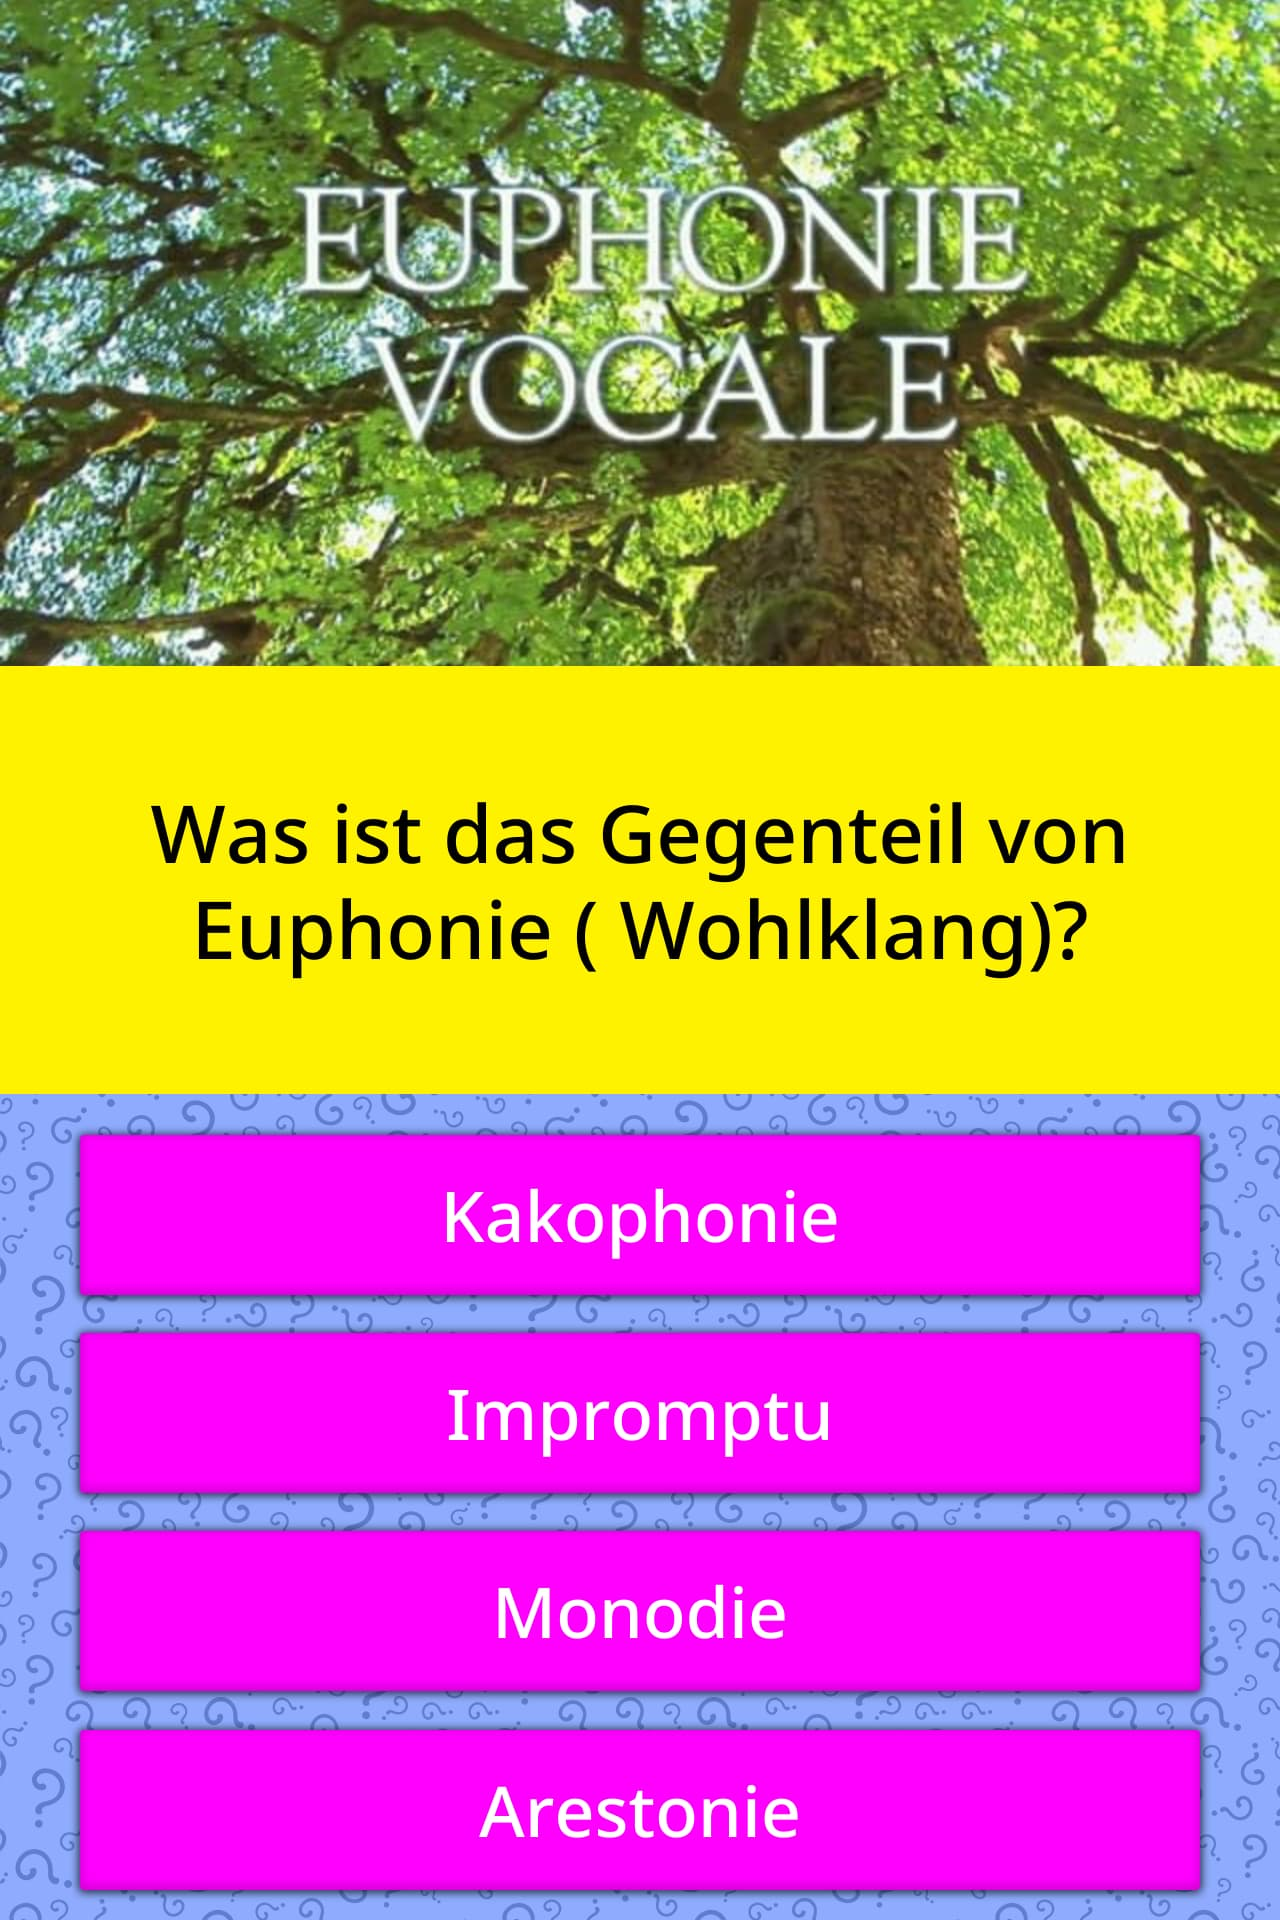 Was ist das Gegenteil von Euphonie   Quiz-Antworten